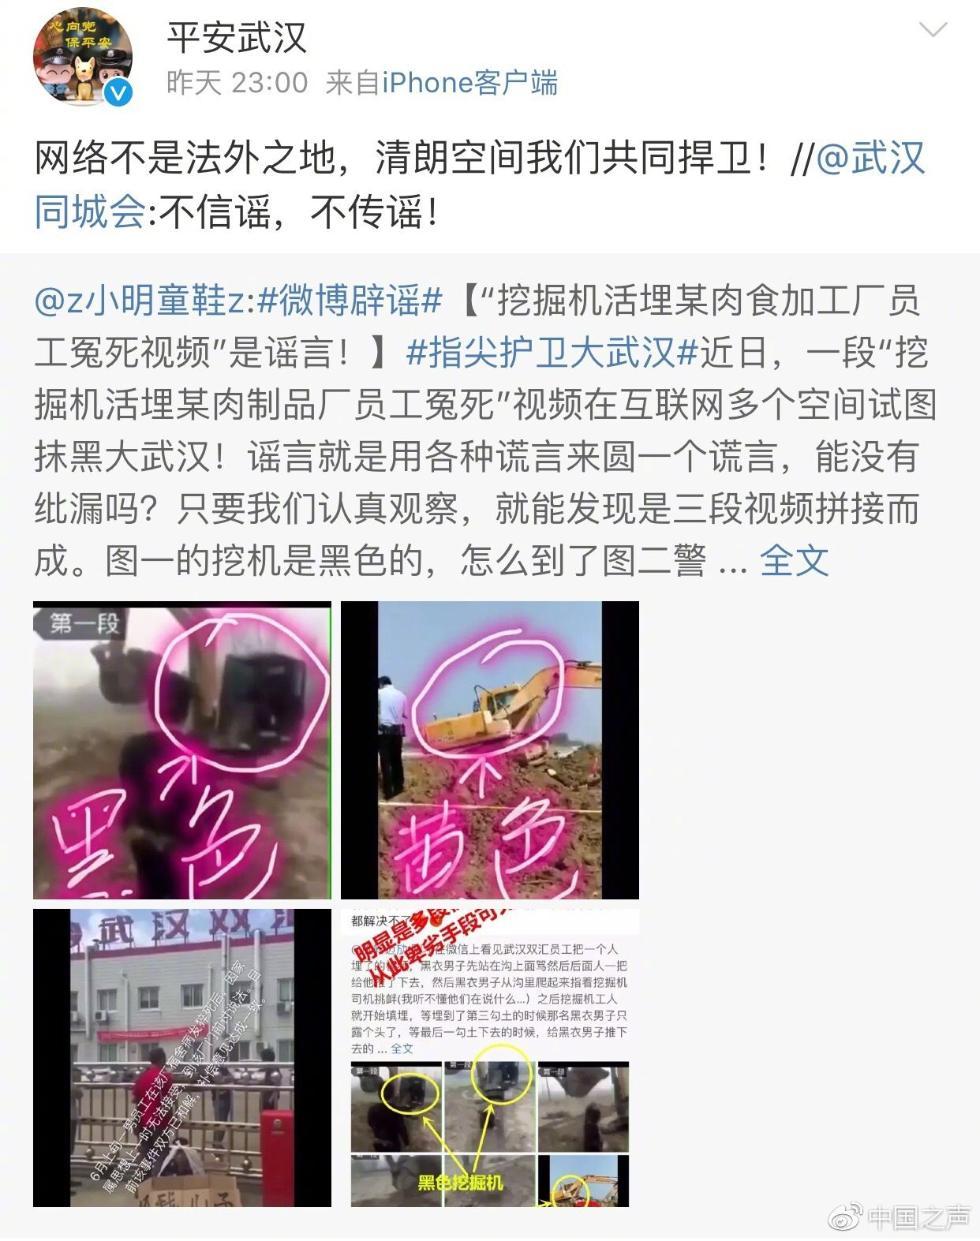 武汉双汇公司挖掘机埋人致死? 双汇:假的 已报案